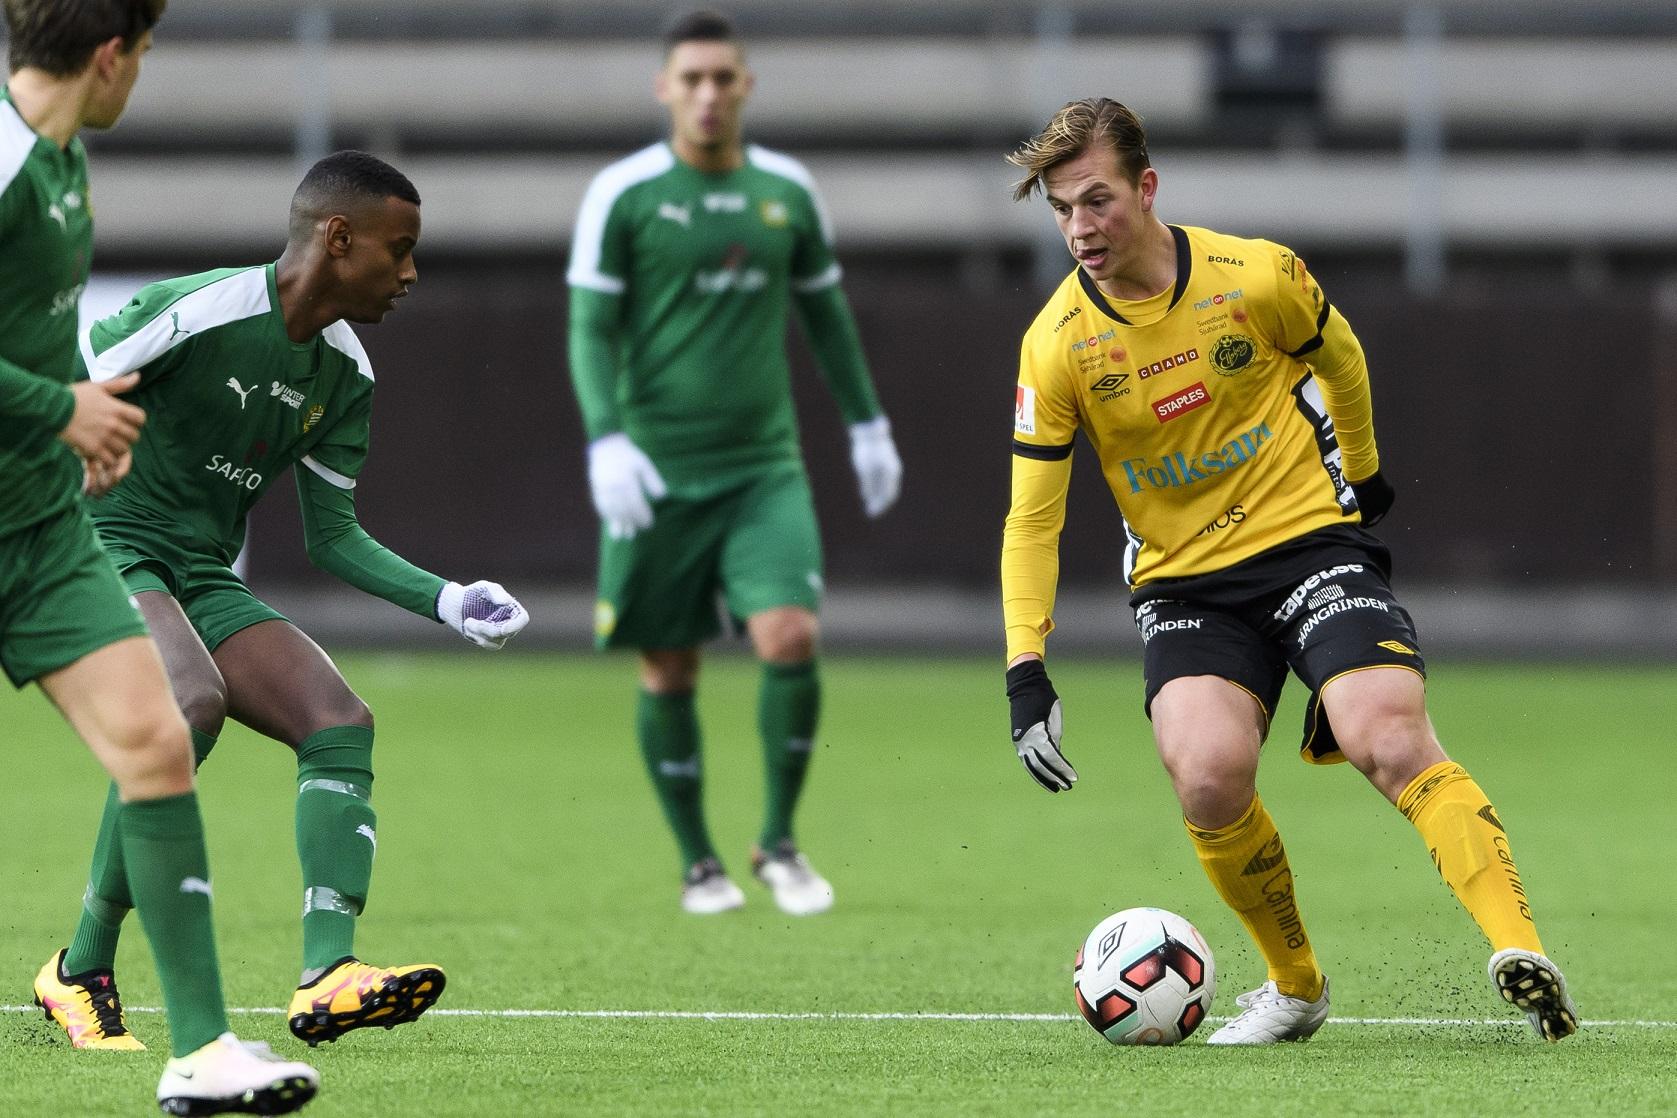 161022 Elfsborgs Simon Olsson och Hammarbys Abiel Sequar under en fotbollsmatch i U19 slutspelet mellan Elfsborg och Hammarby den 22 oktober 2016 i BorŒs. Foto: Jšrgen Jarnberger / BILDBYRN / Cop 112